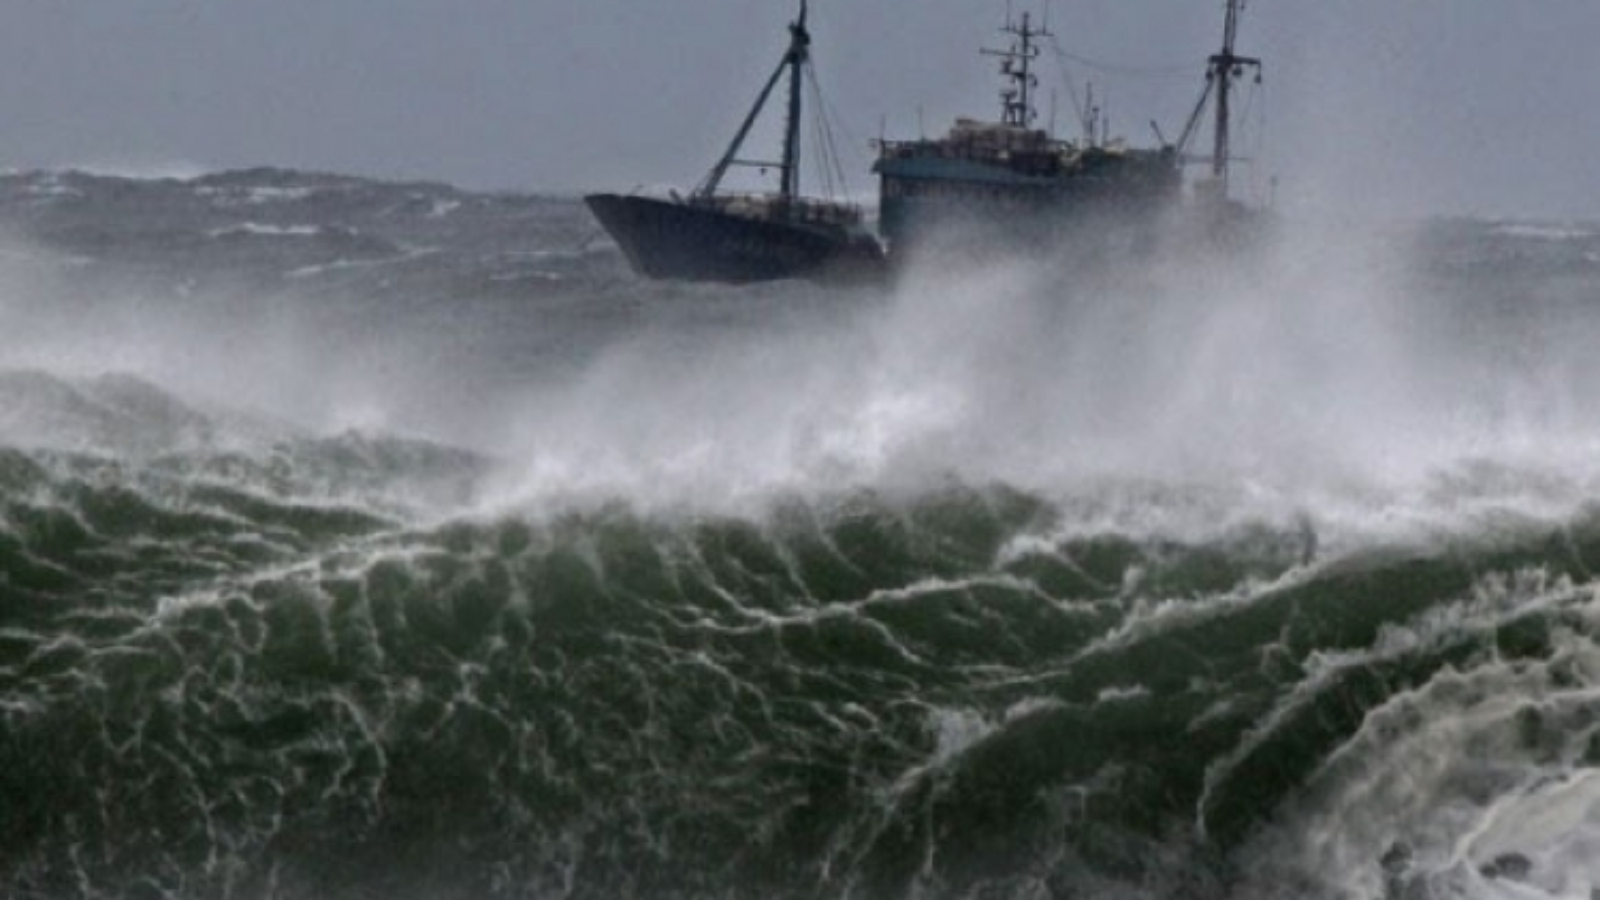 Phớt lờ khuyến cáo, 1 tàu cá có 4 thuyền viên chết máy gần tâm bão số 8